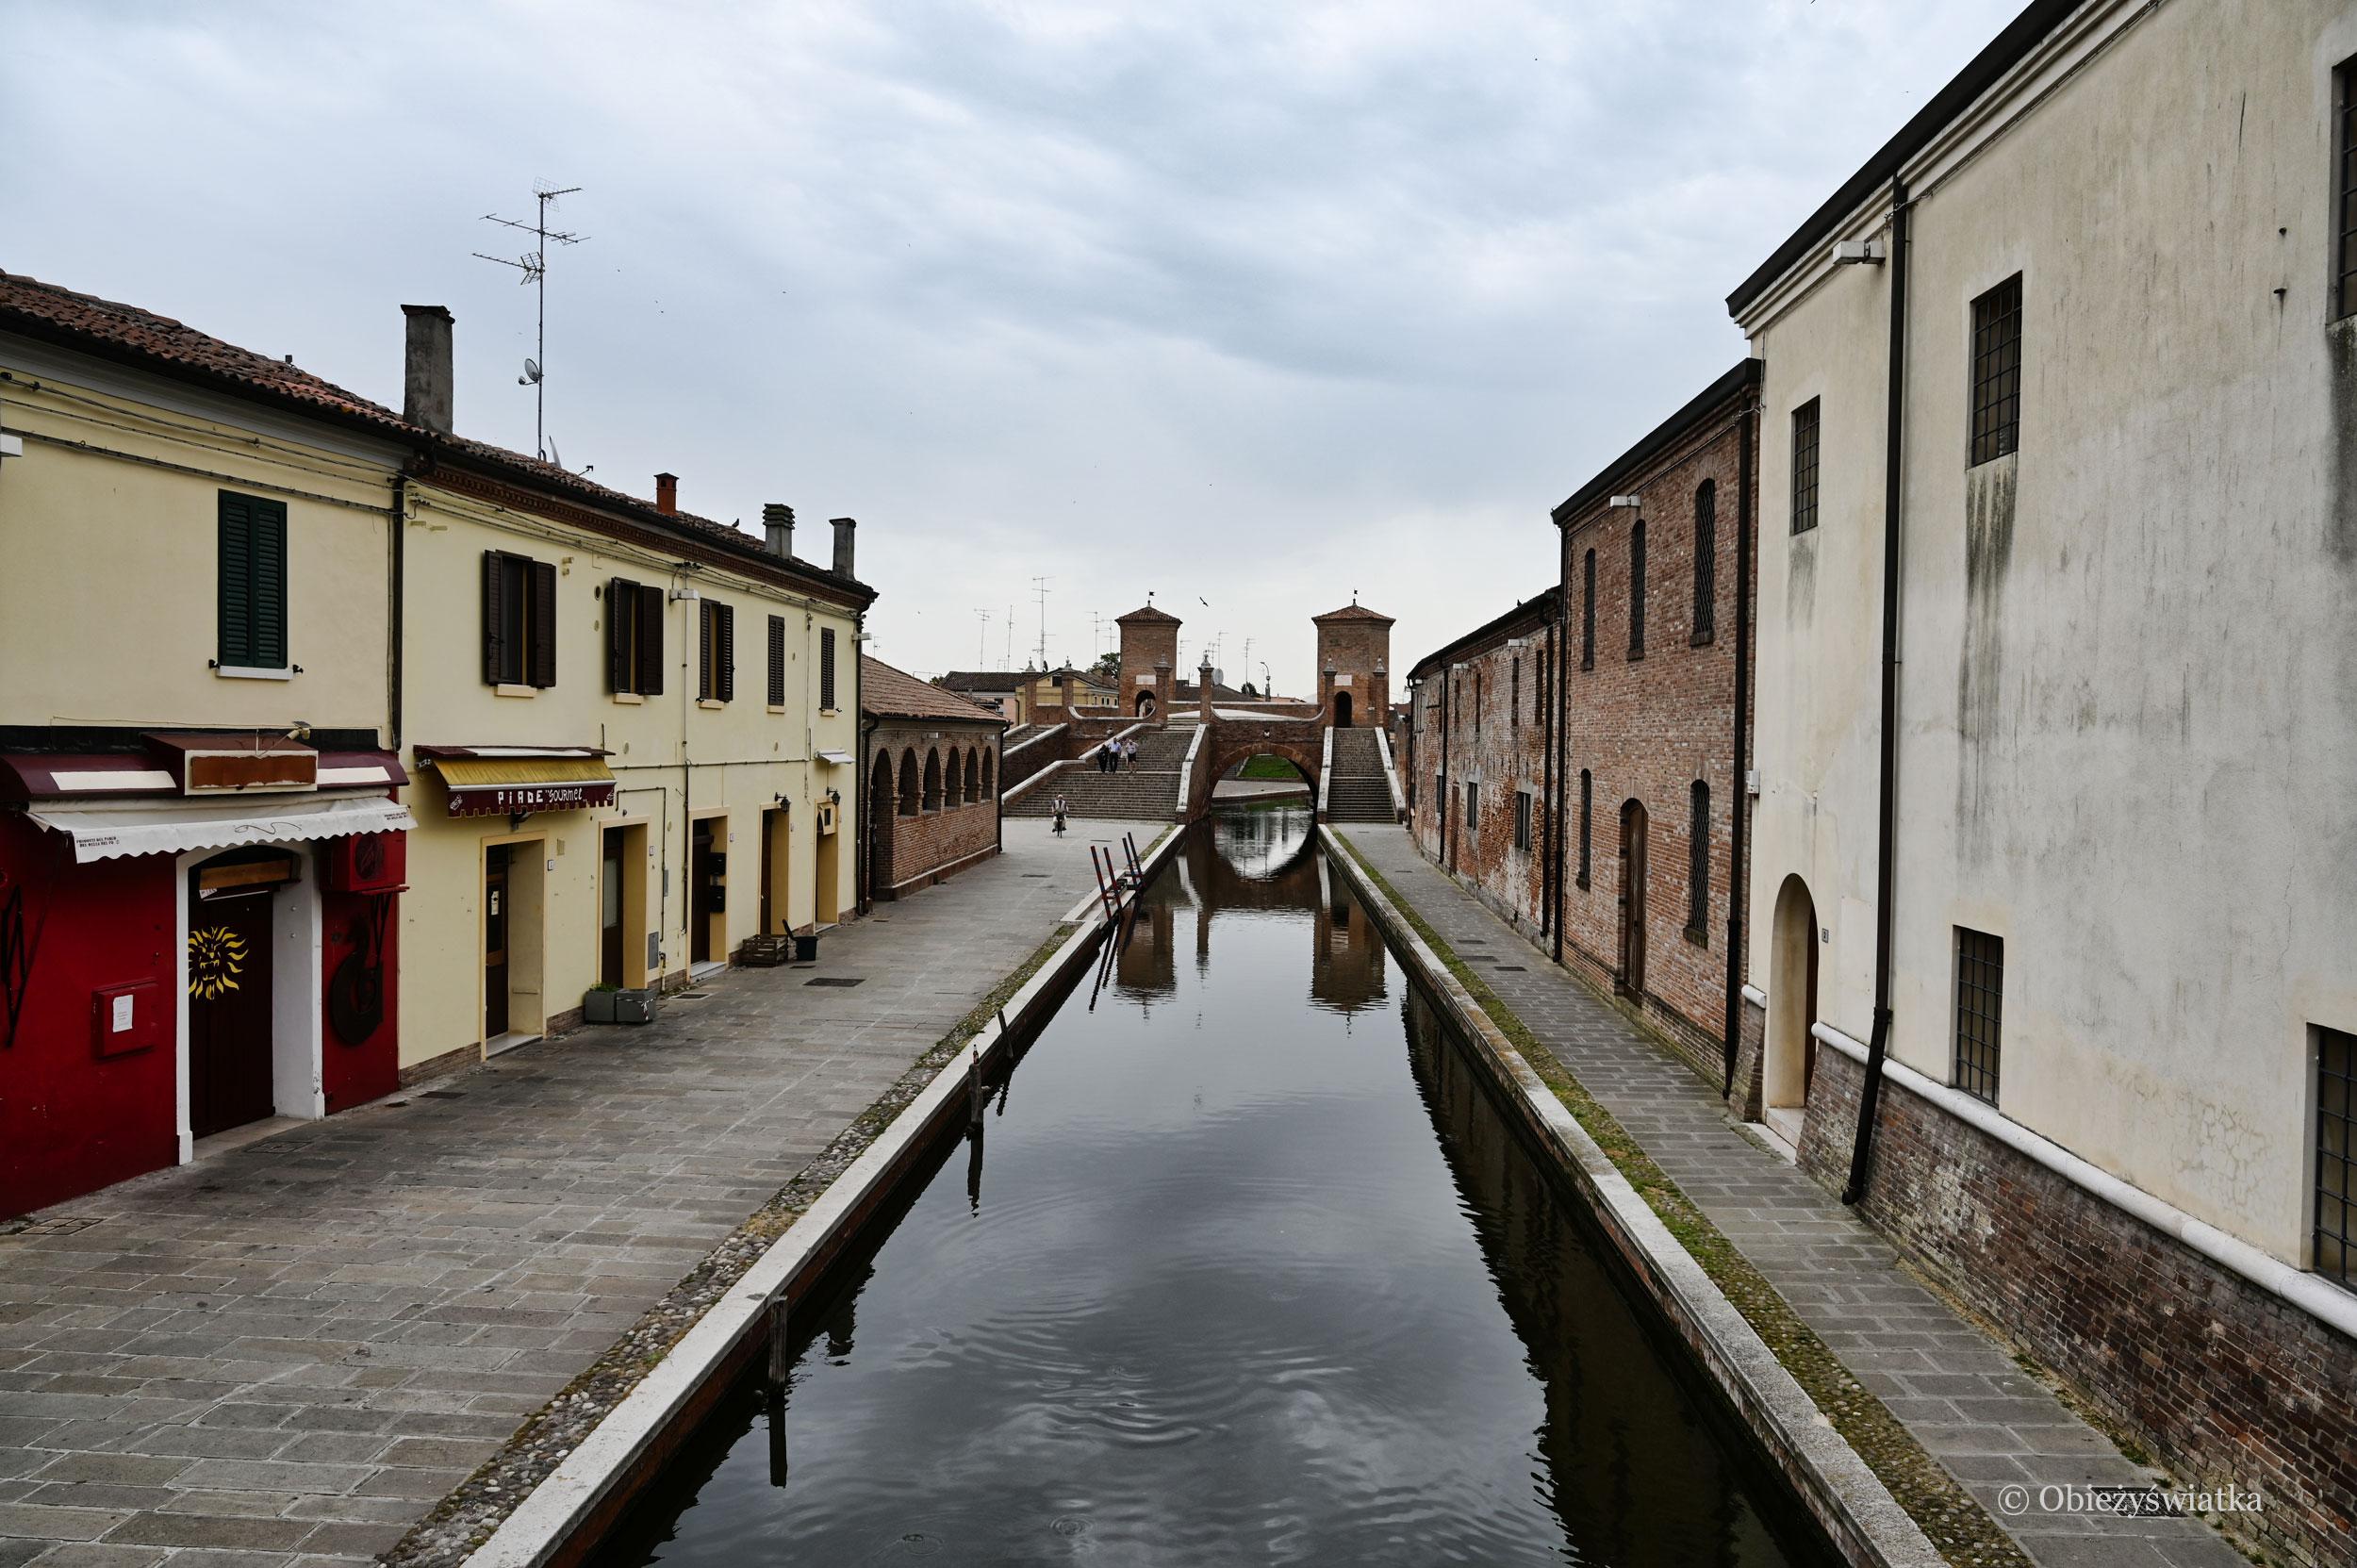 Comacchio, Włochy